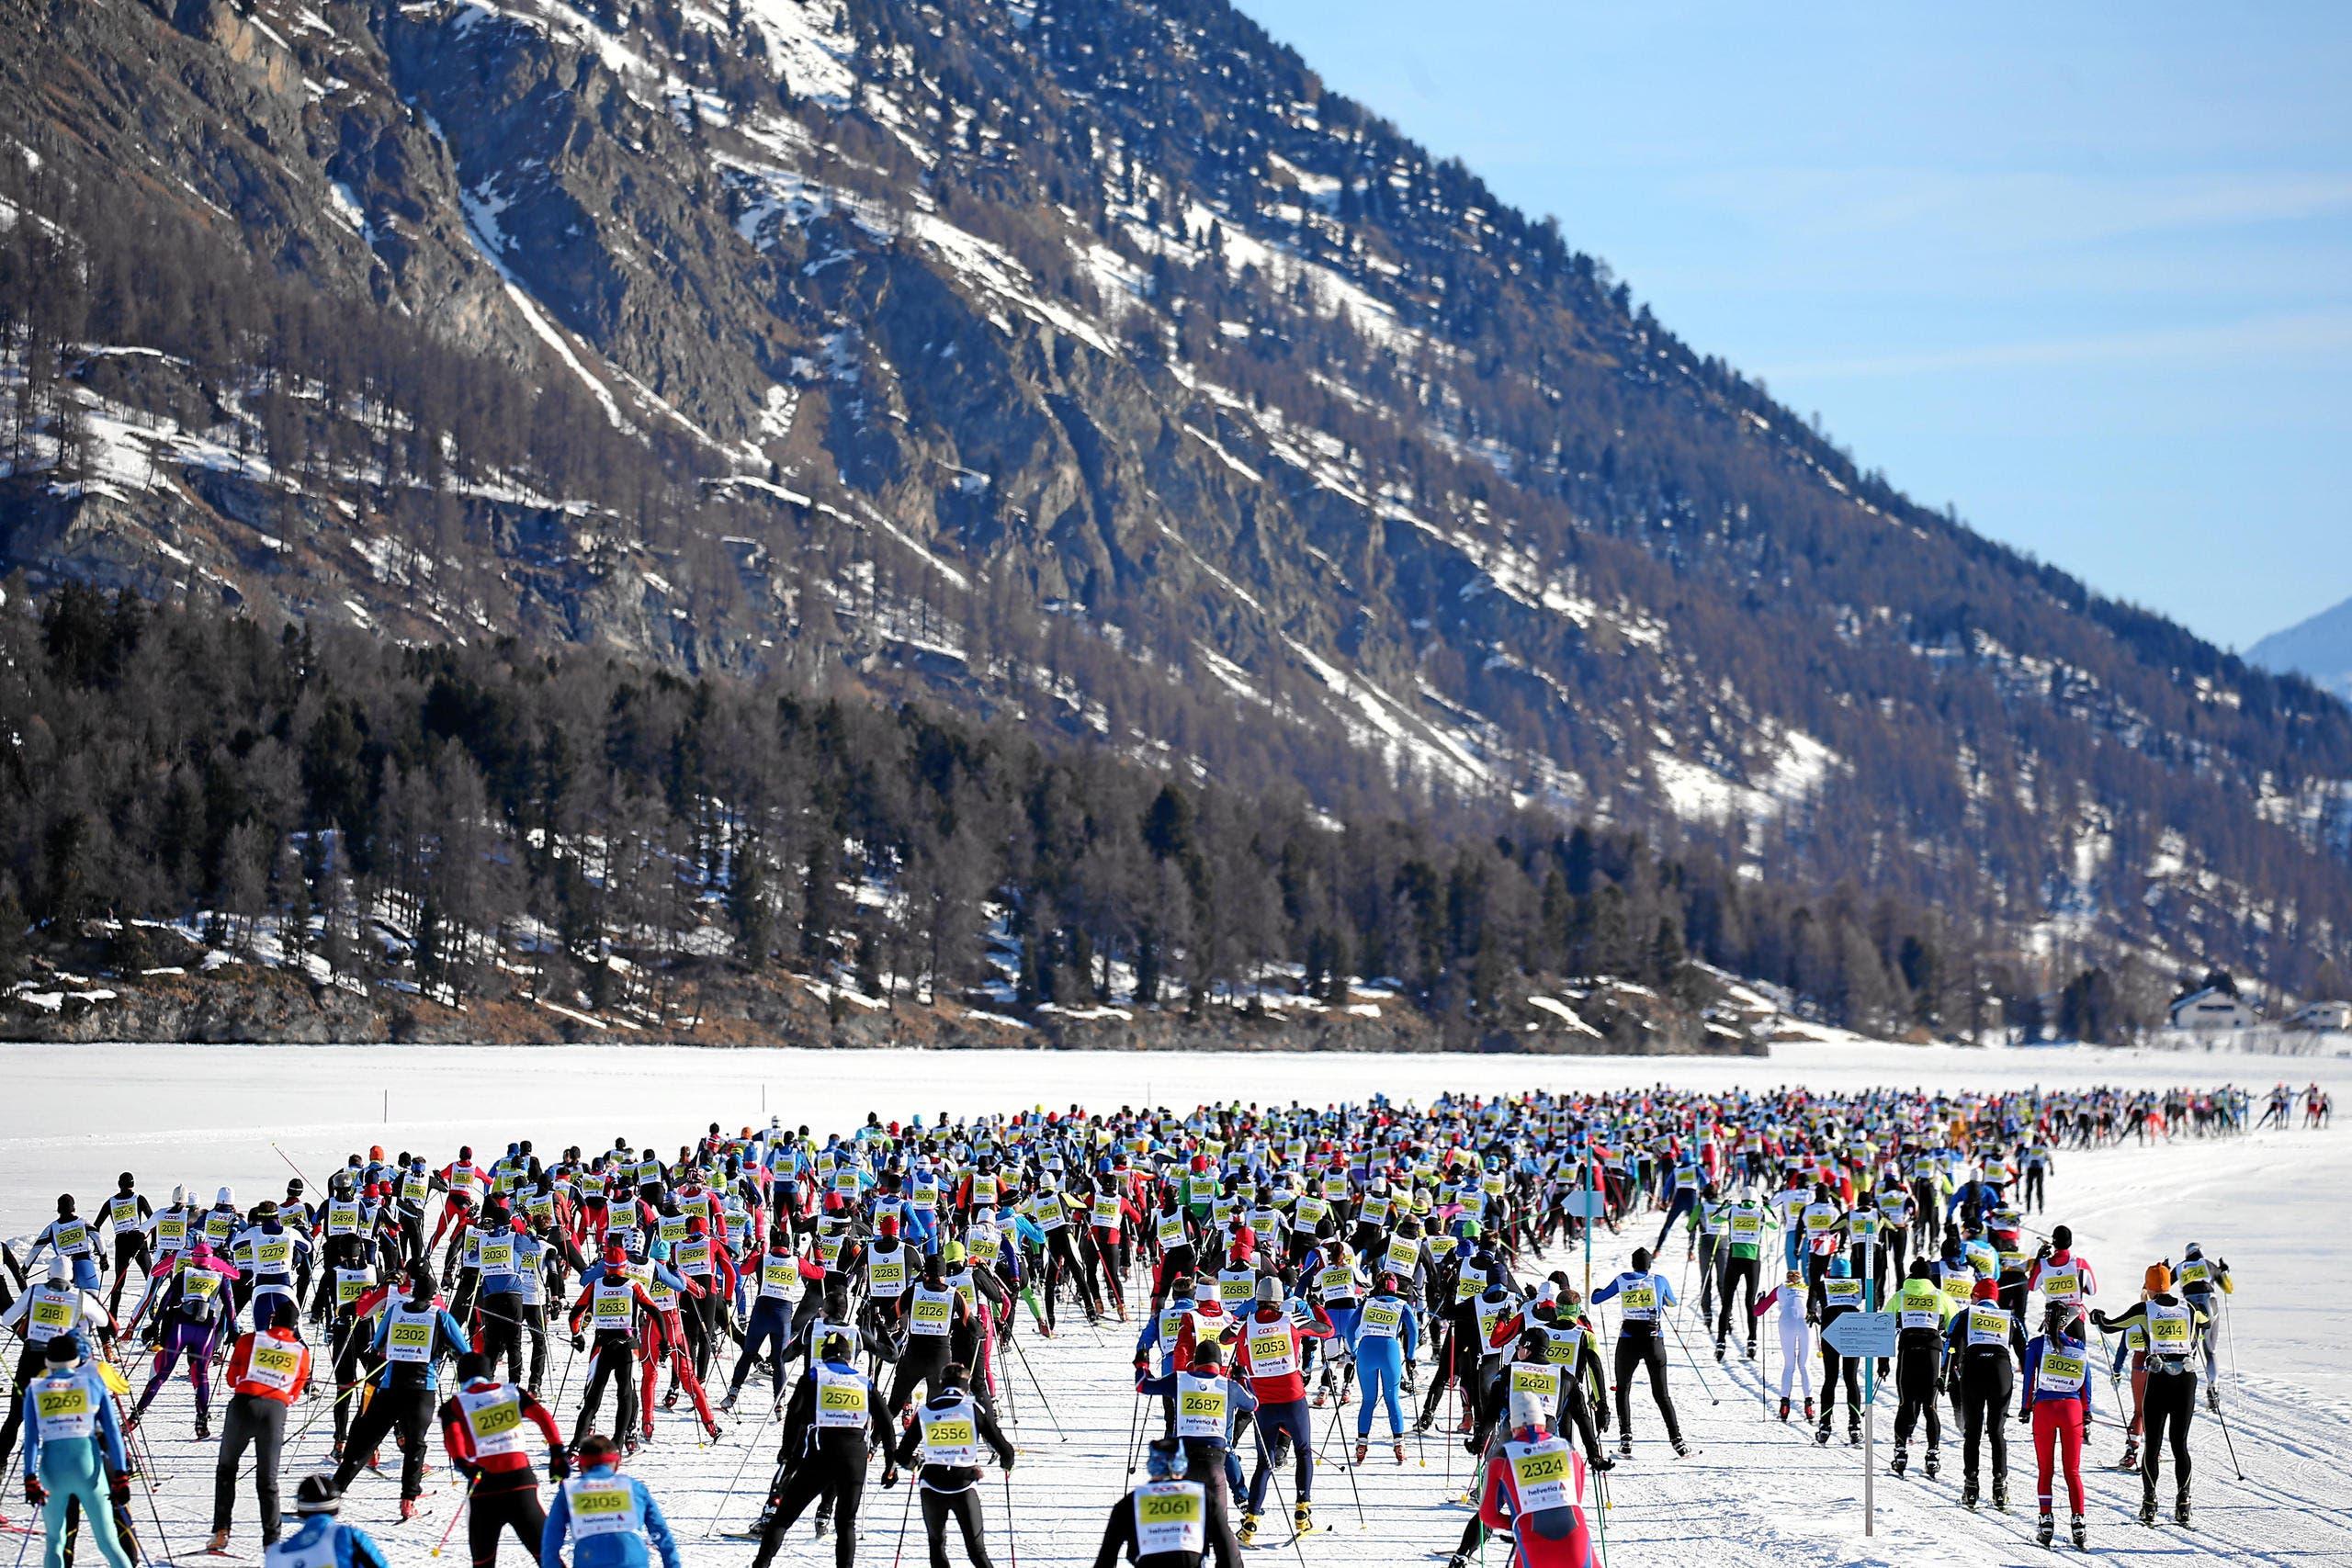 Mit 13'331 Teilnehmern wurde das drittbeste Melde-Ergebnis der Geschichte erreicht. Einzig 1998 und vor einem Jahr nahmen noch mehr Läufer die Marathonstrecke unter die Ski. (Bild: Swiss-Image / Andy Mettler)